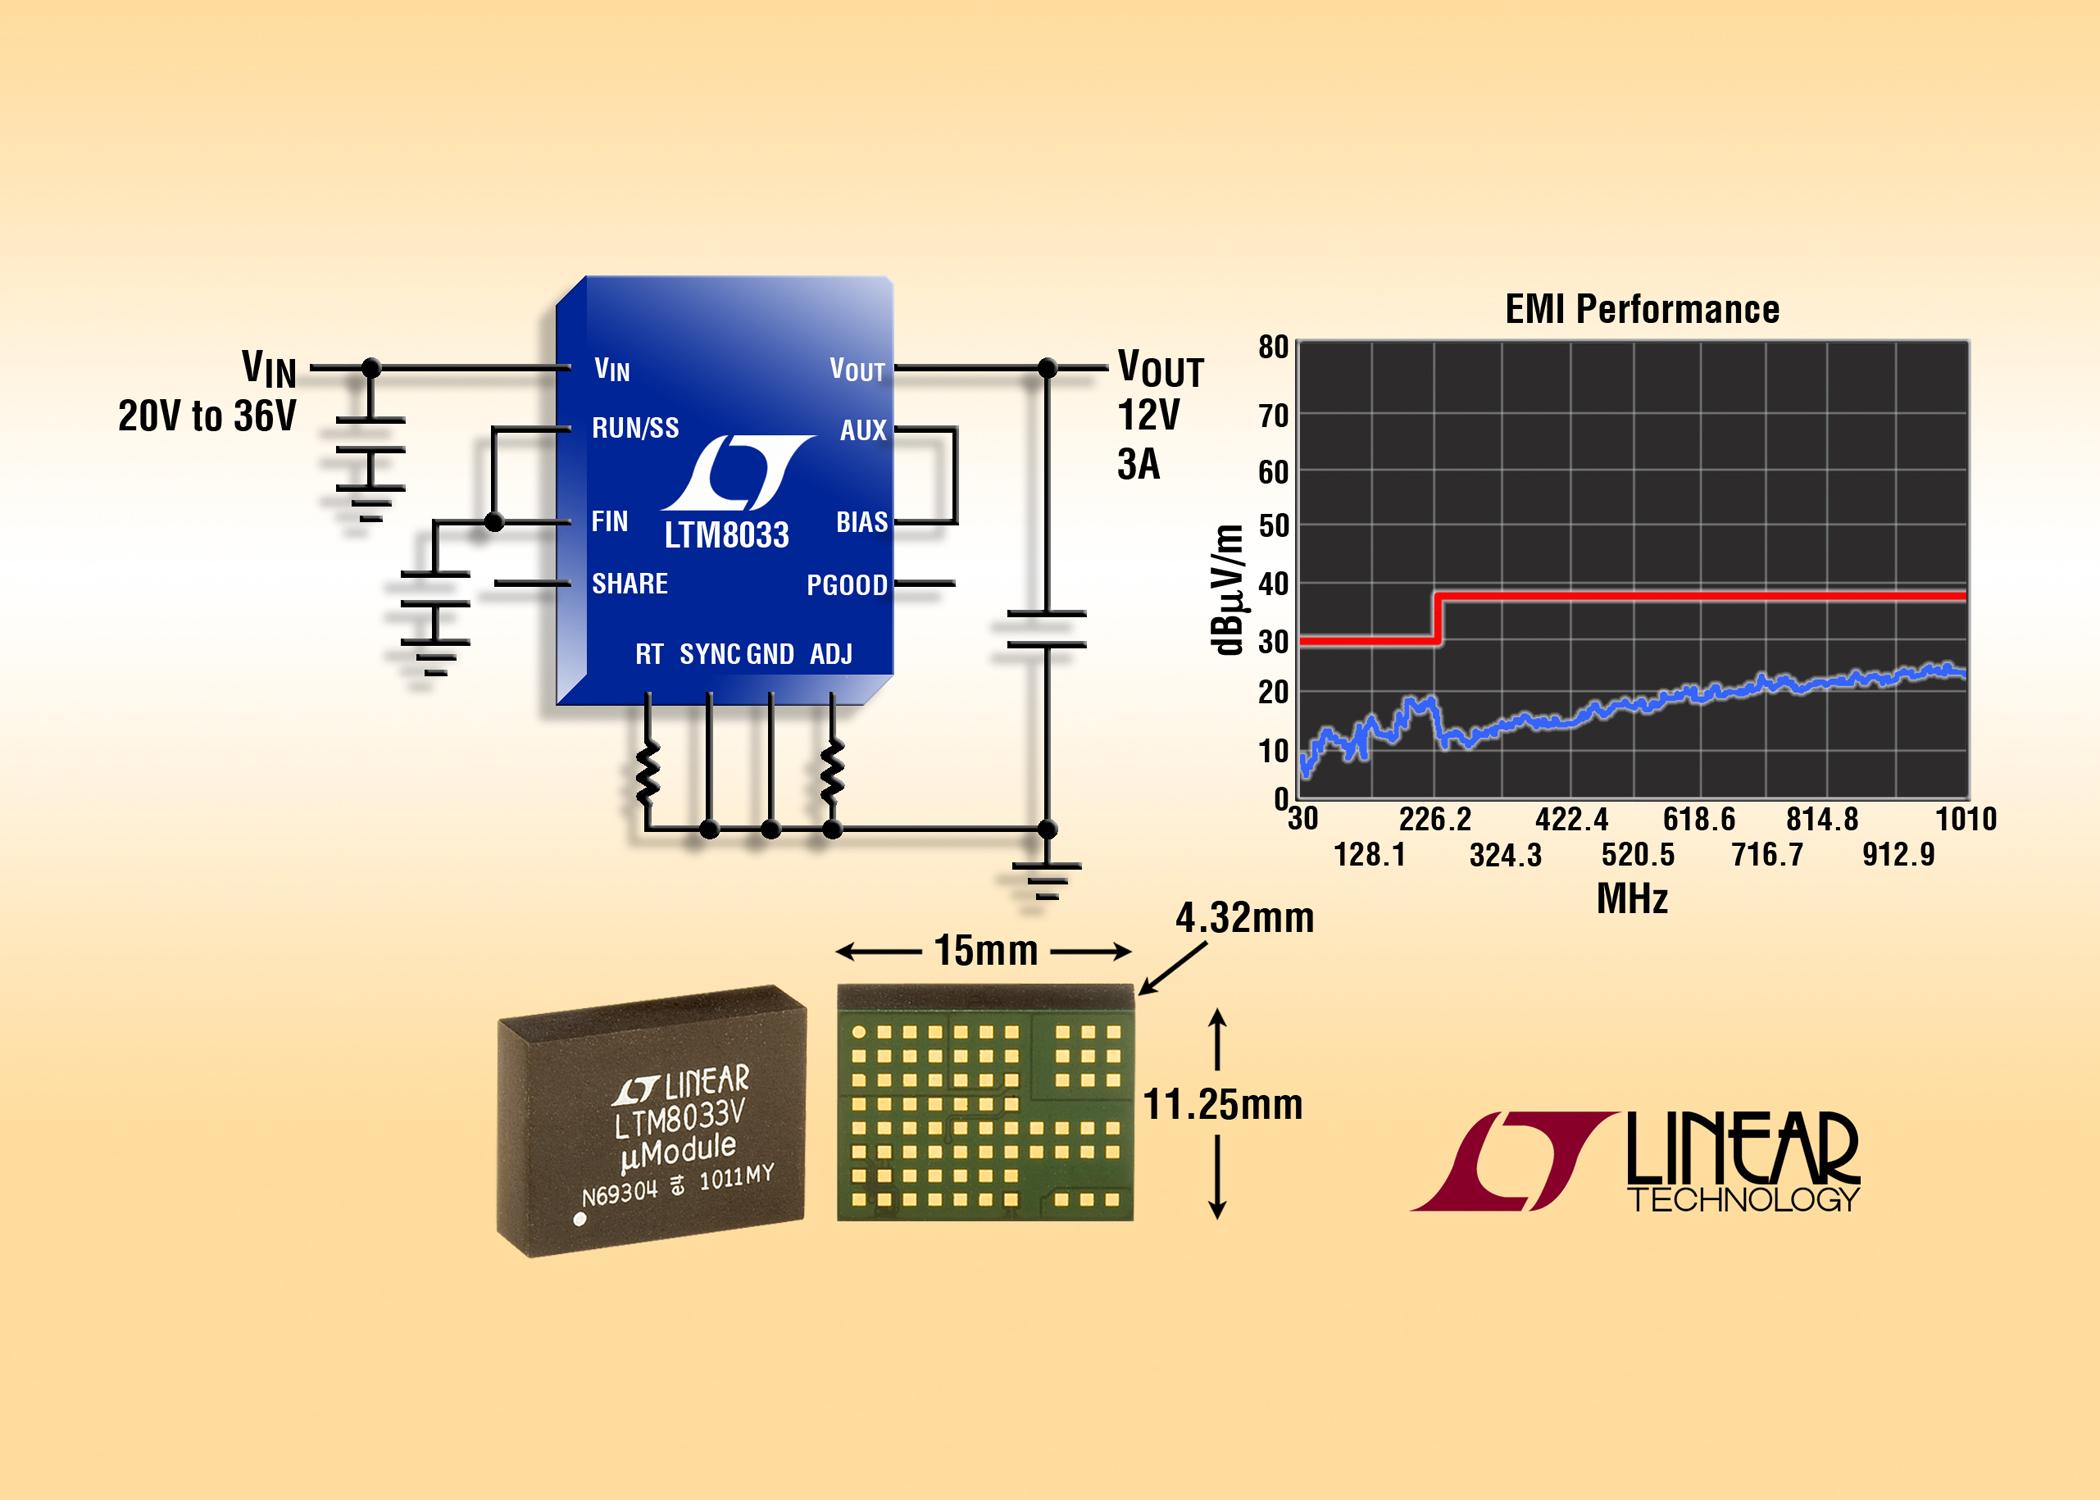 照片说明: 超低噪声 EN55022 Class B 3A DC/DC 微型模块稳压器